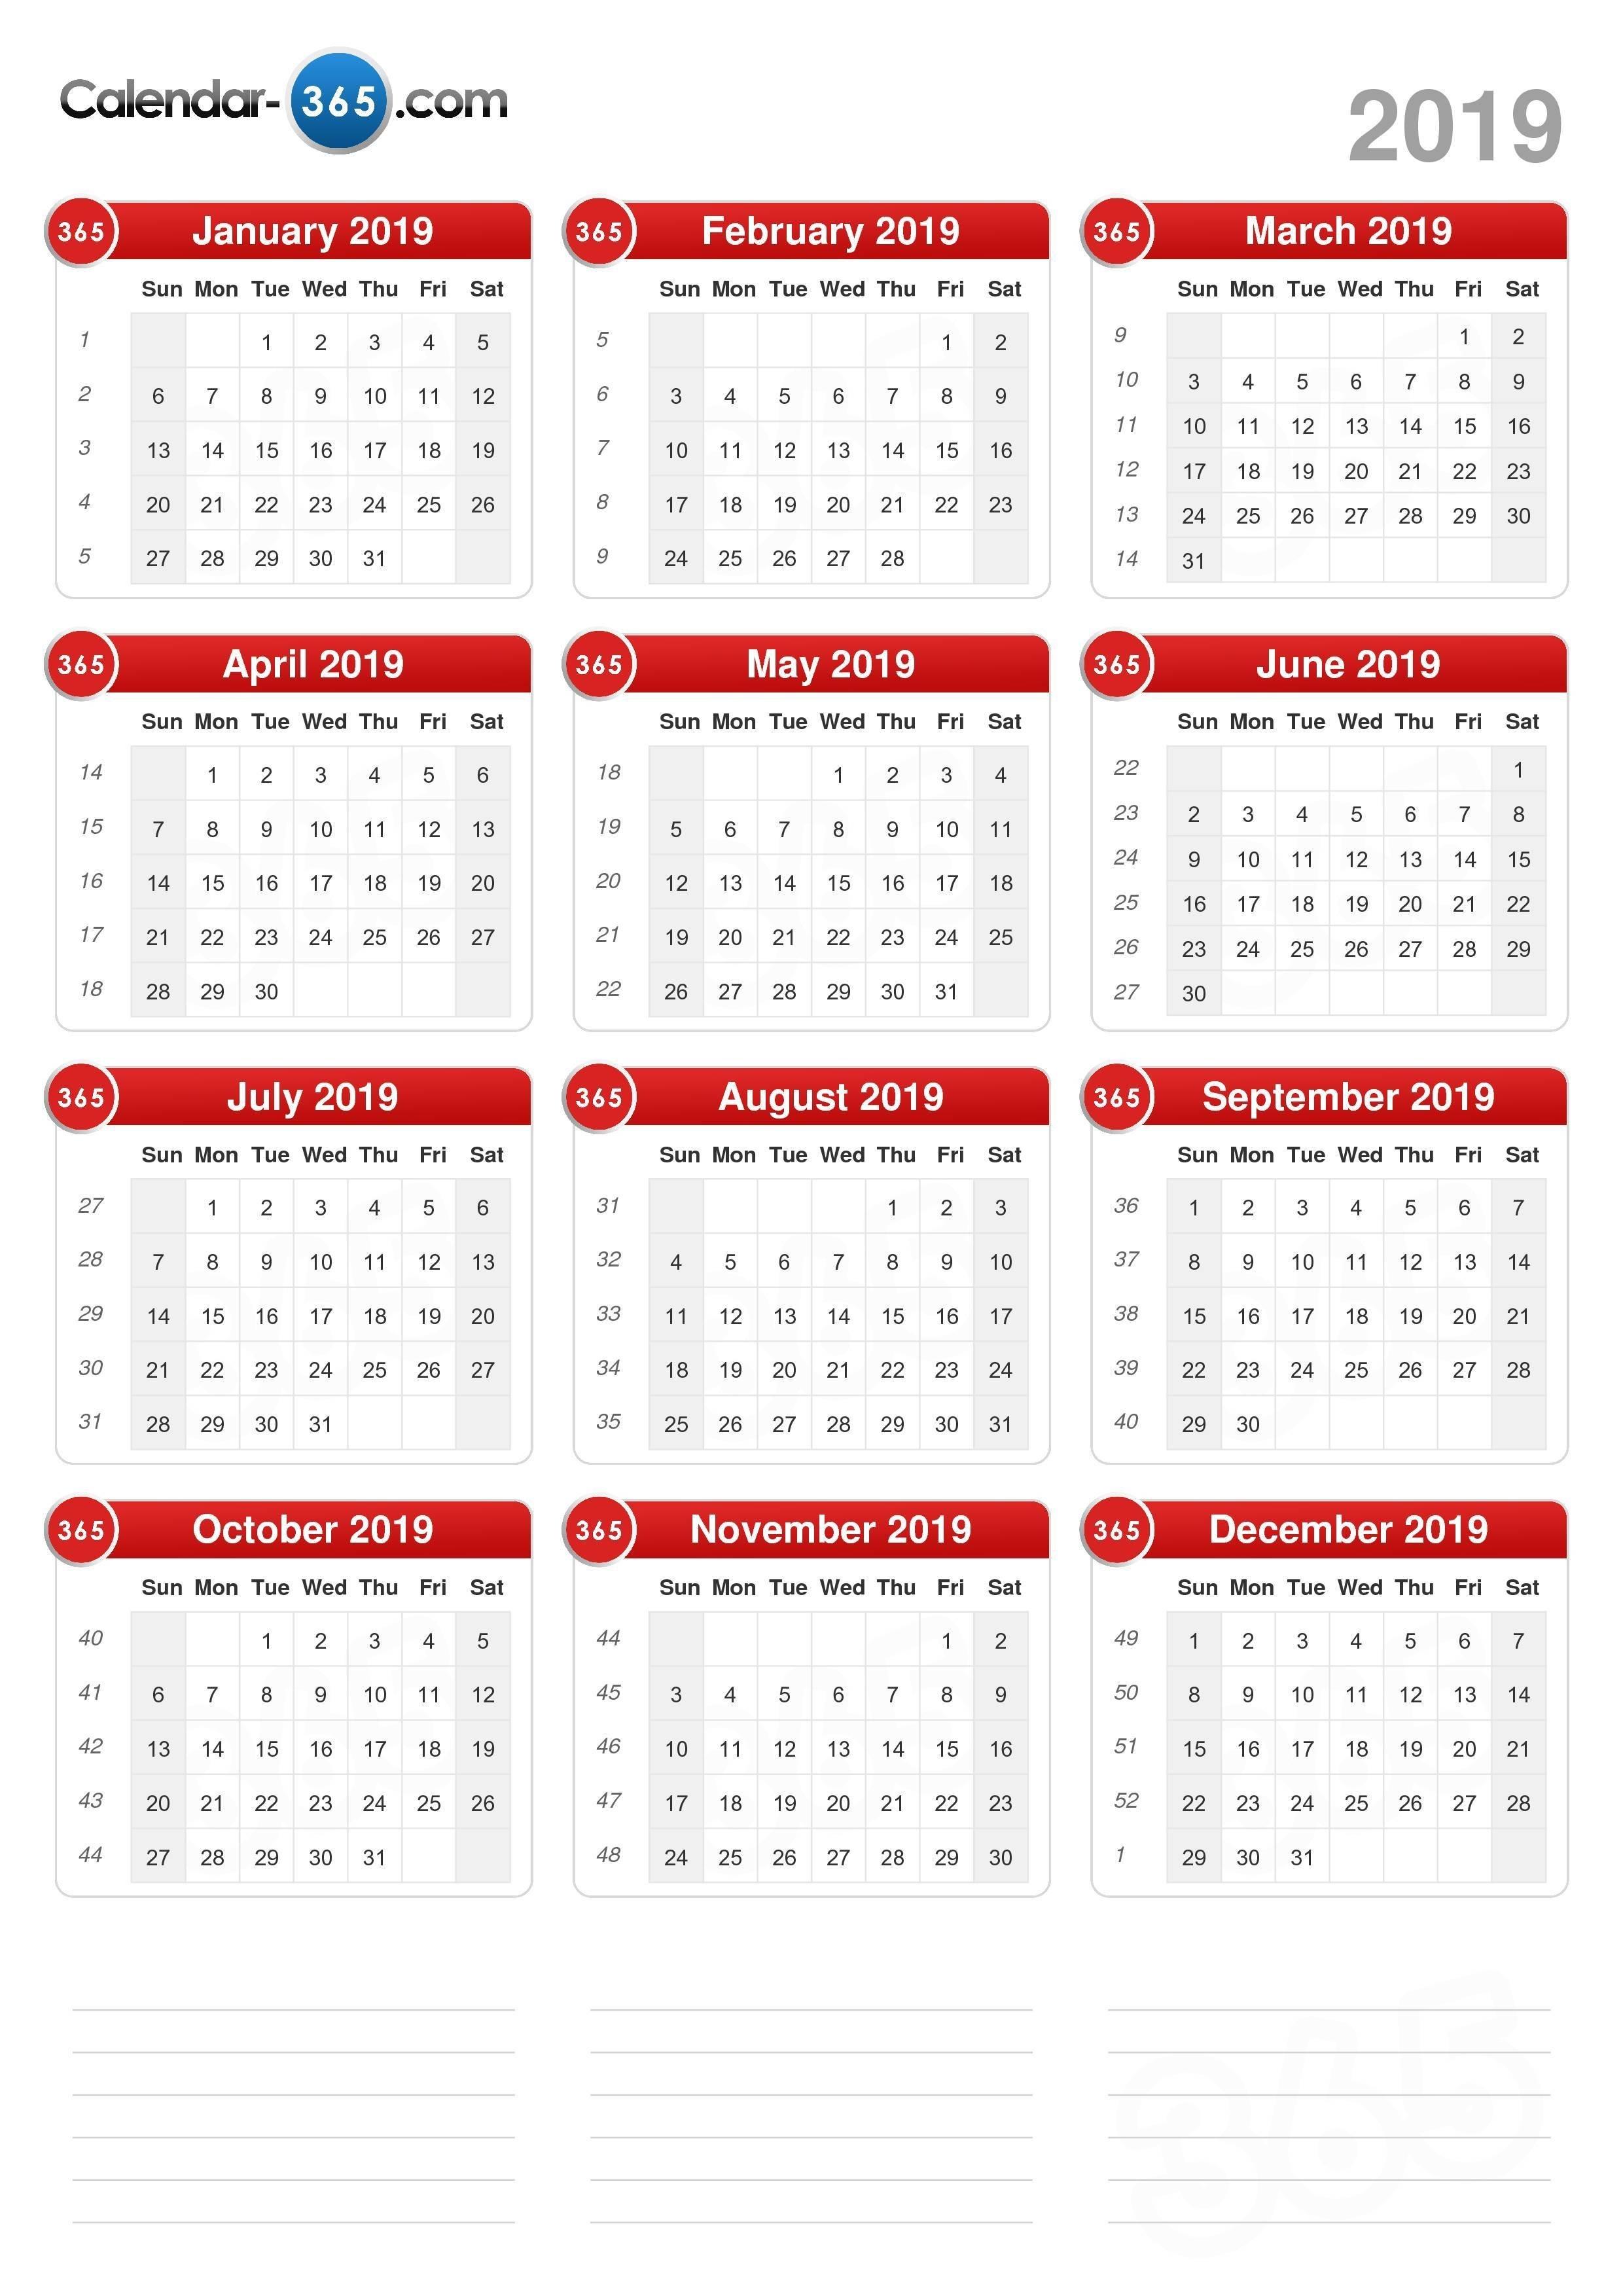 2019 Calendar Calendar Week 7 2019